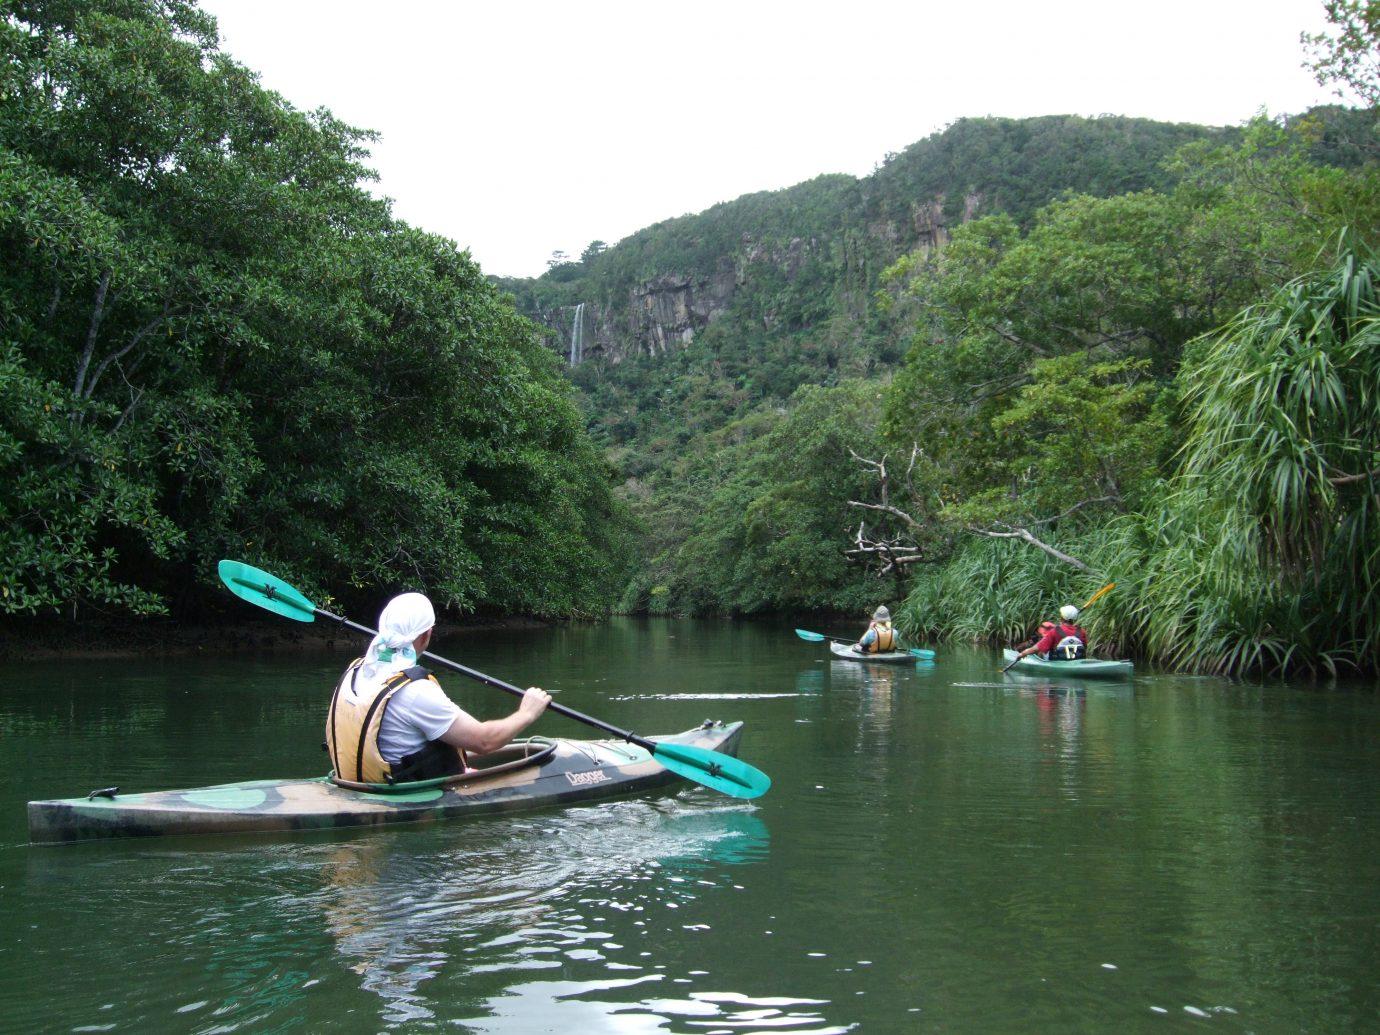 person kayaking through mangroves in Japan